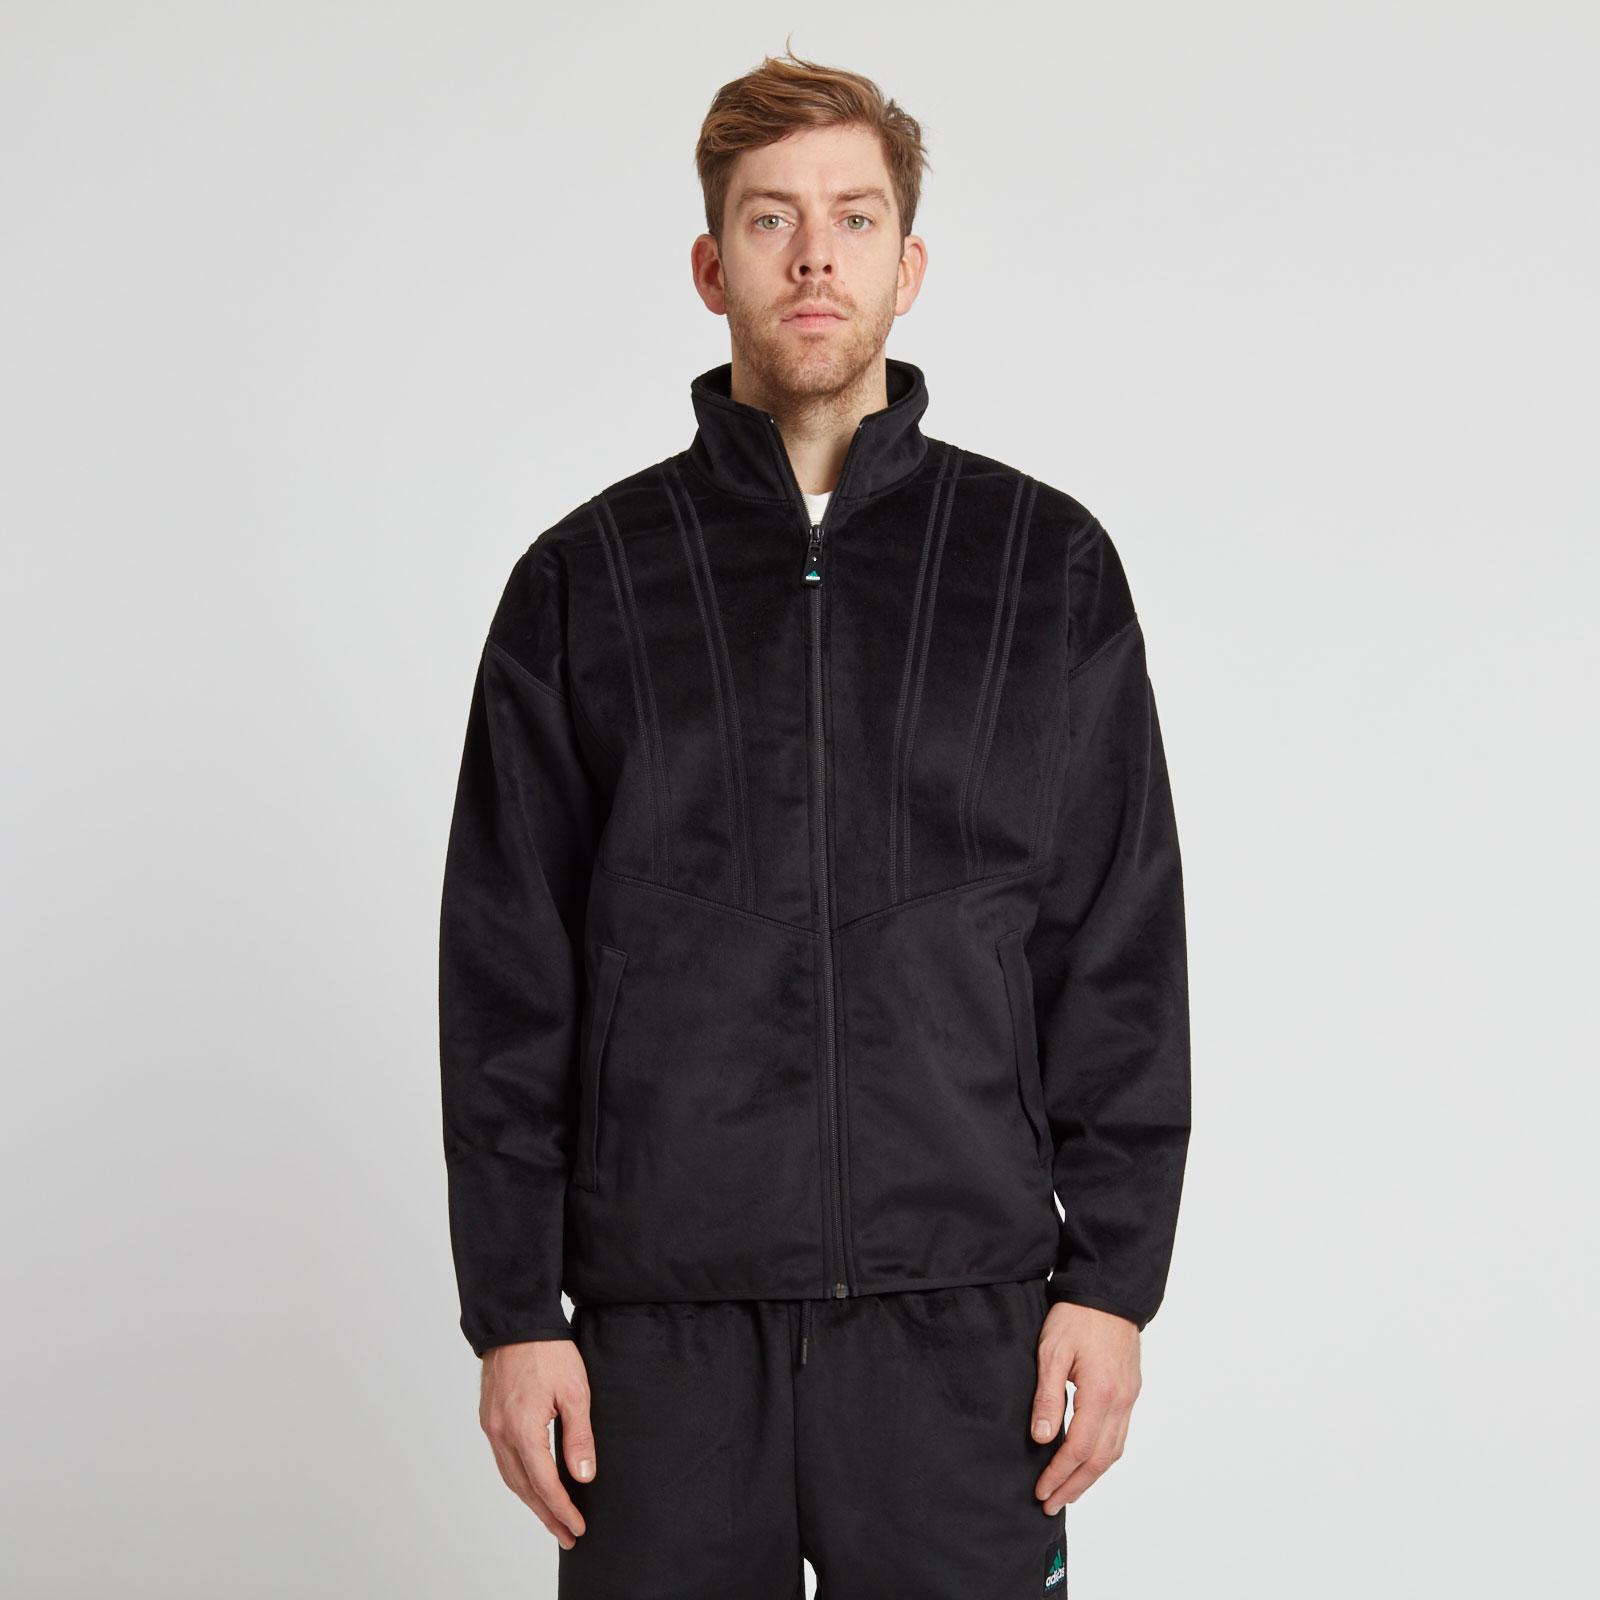 332c5a8408df adidas EQT Polar Jacket - Ay9240 - Sneakersnstuff